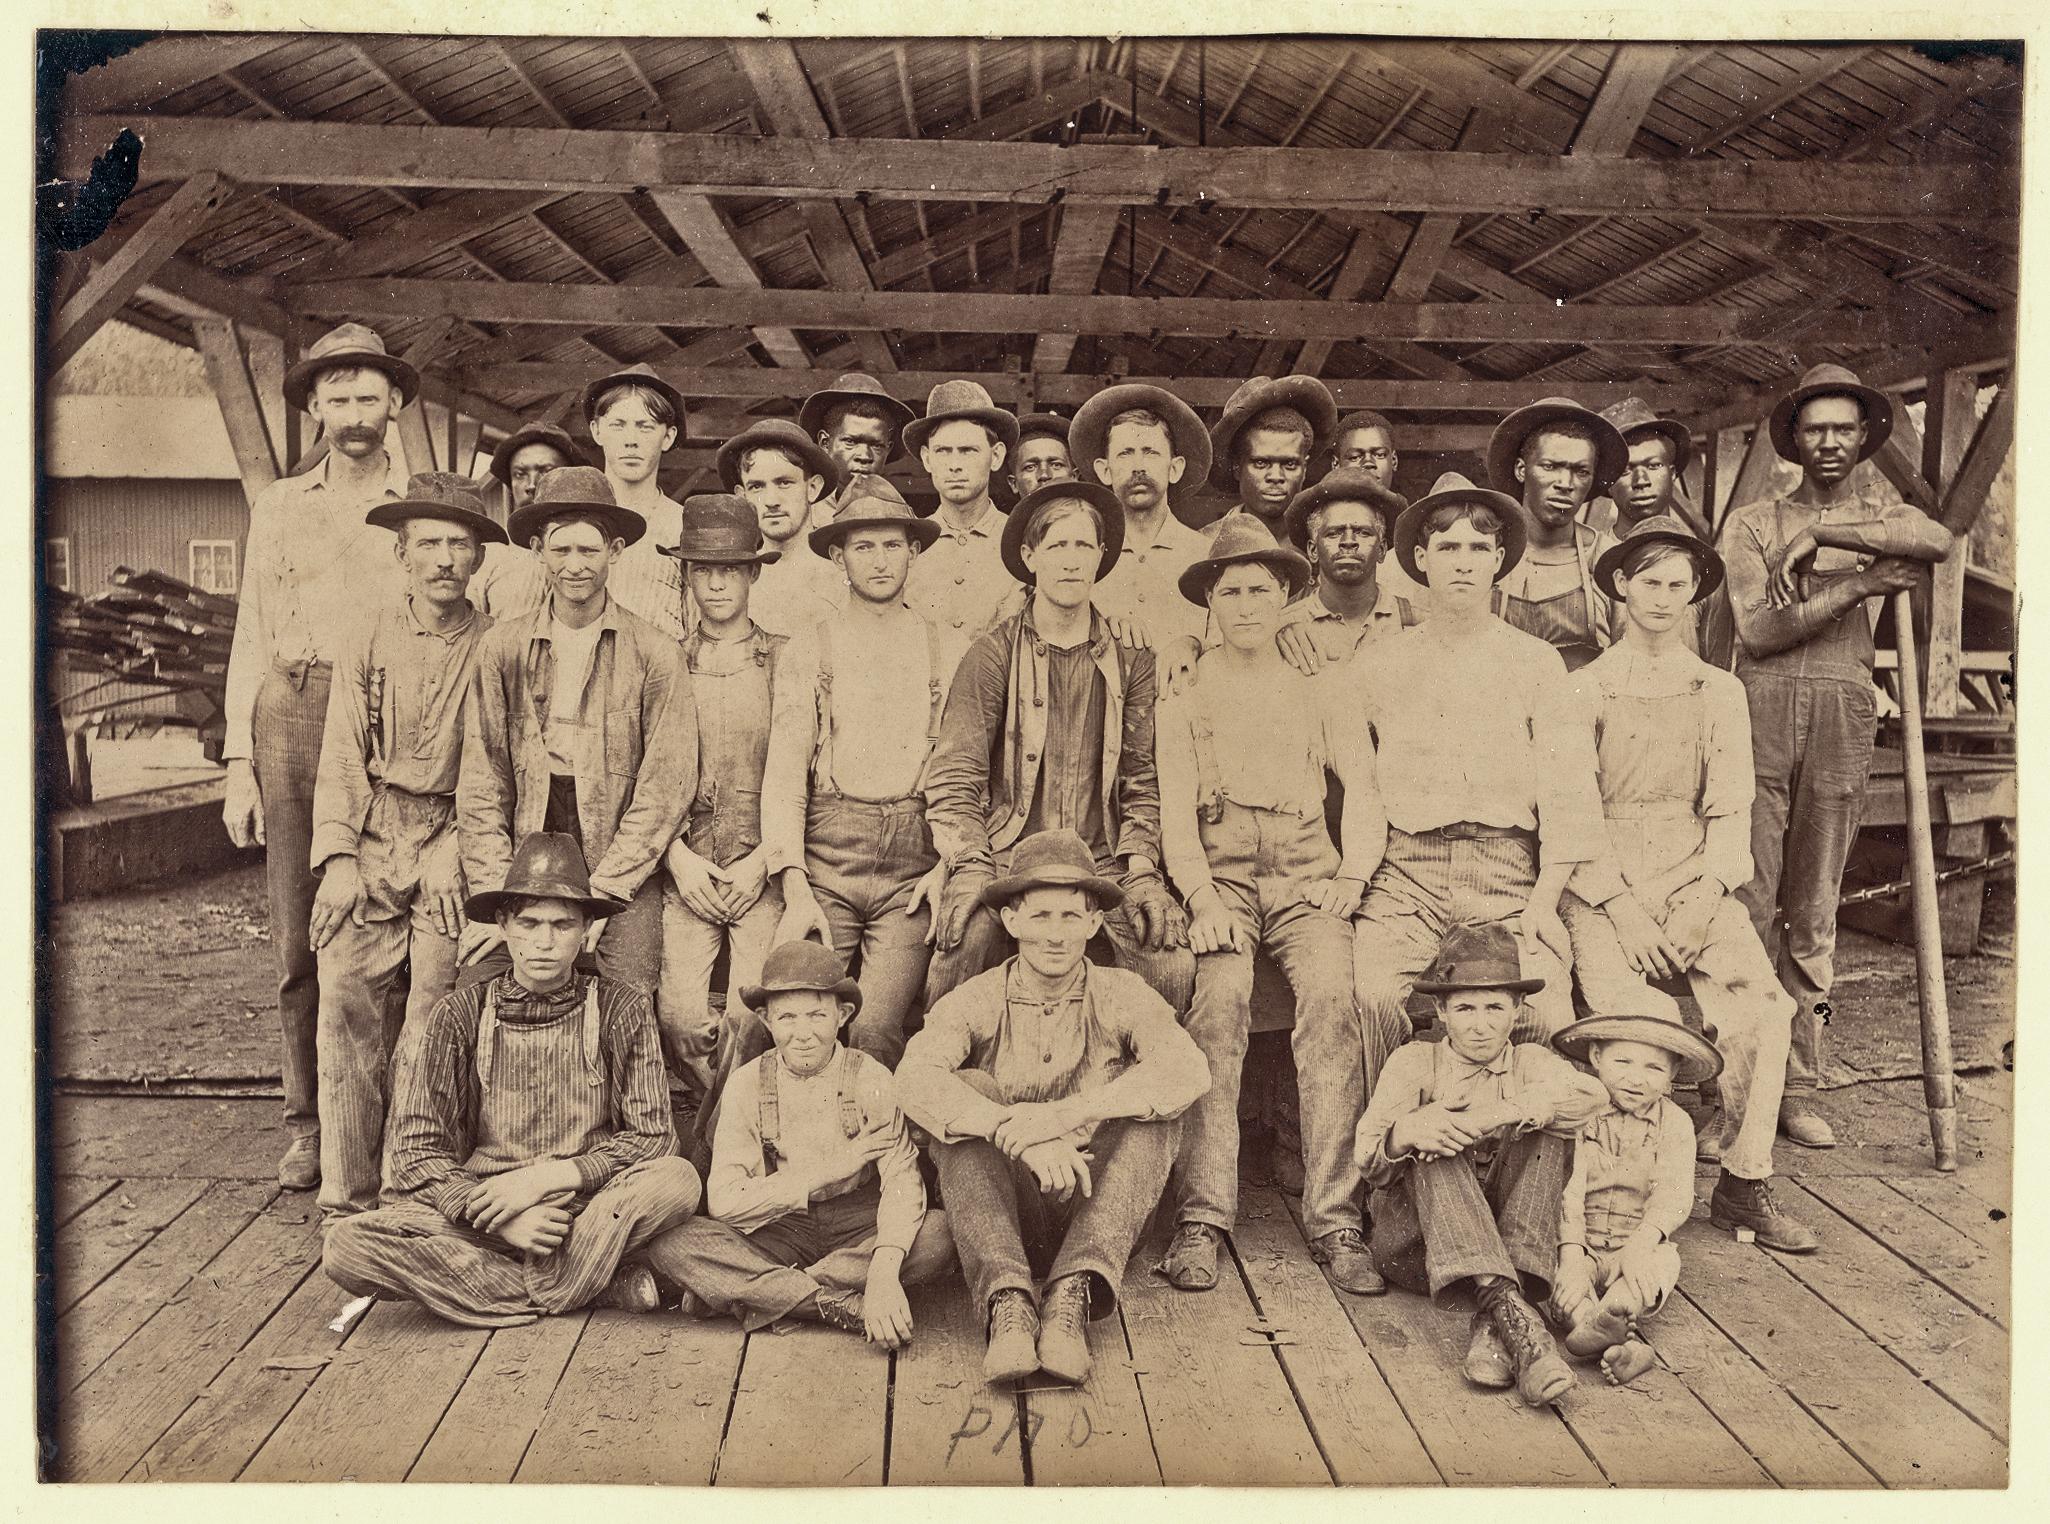 Sawmill Crew (1903)